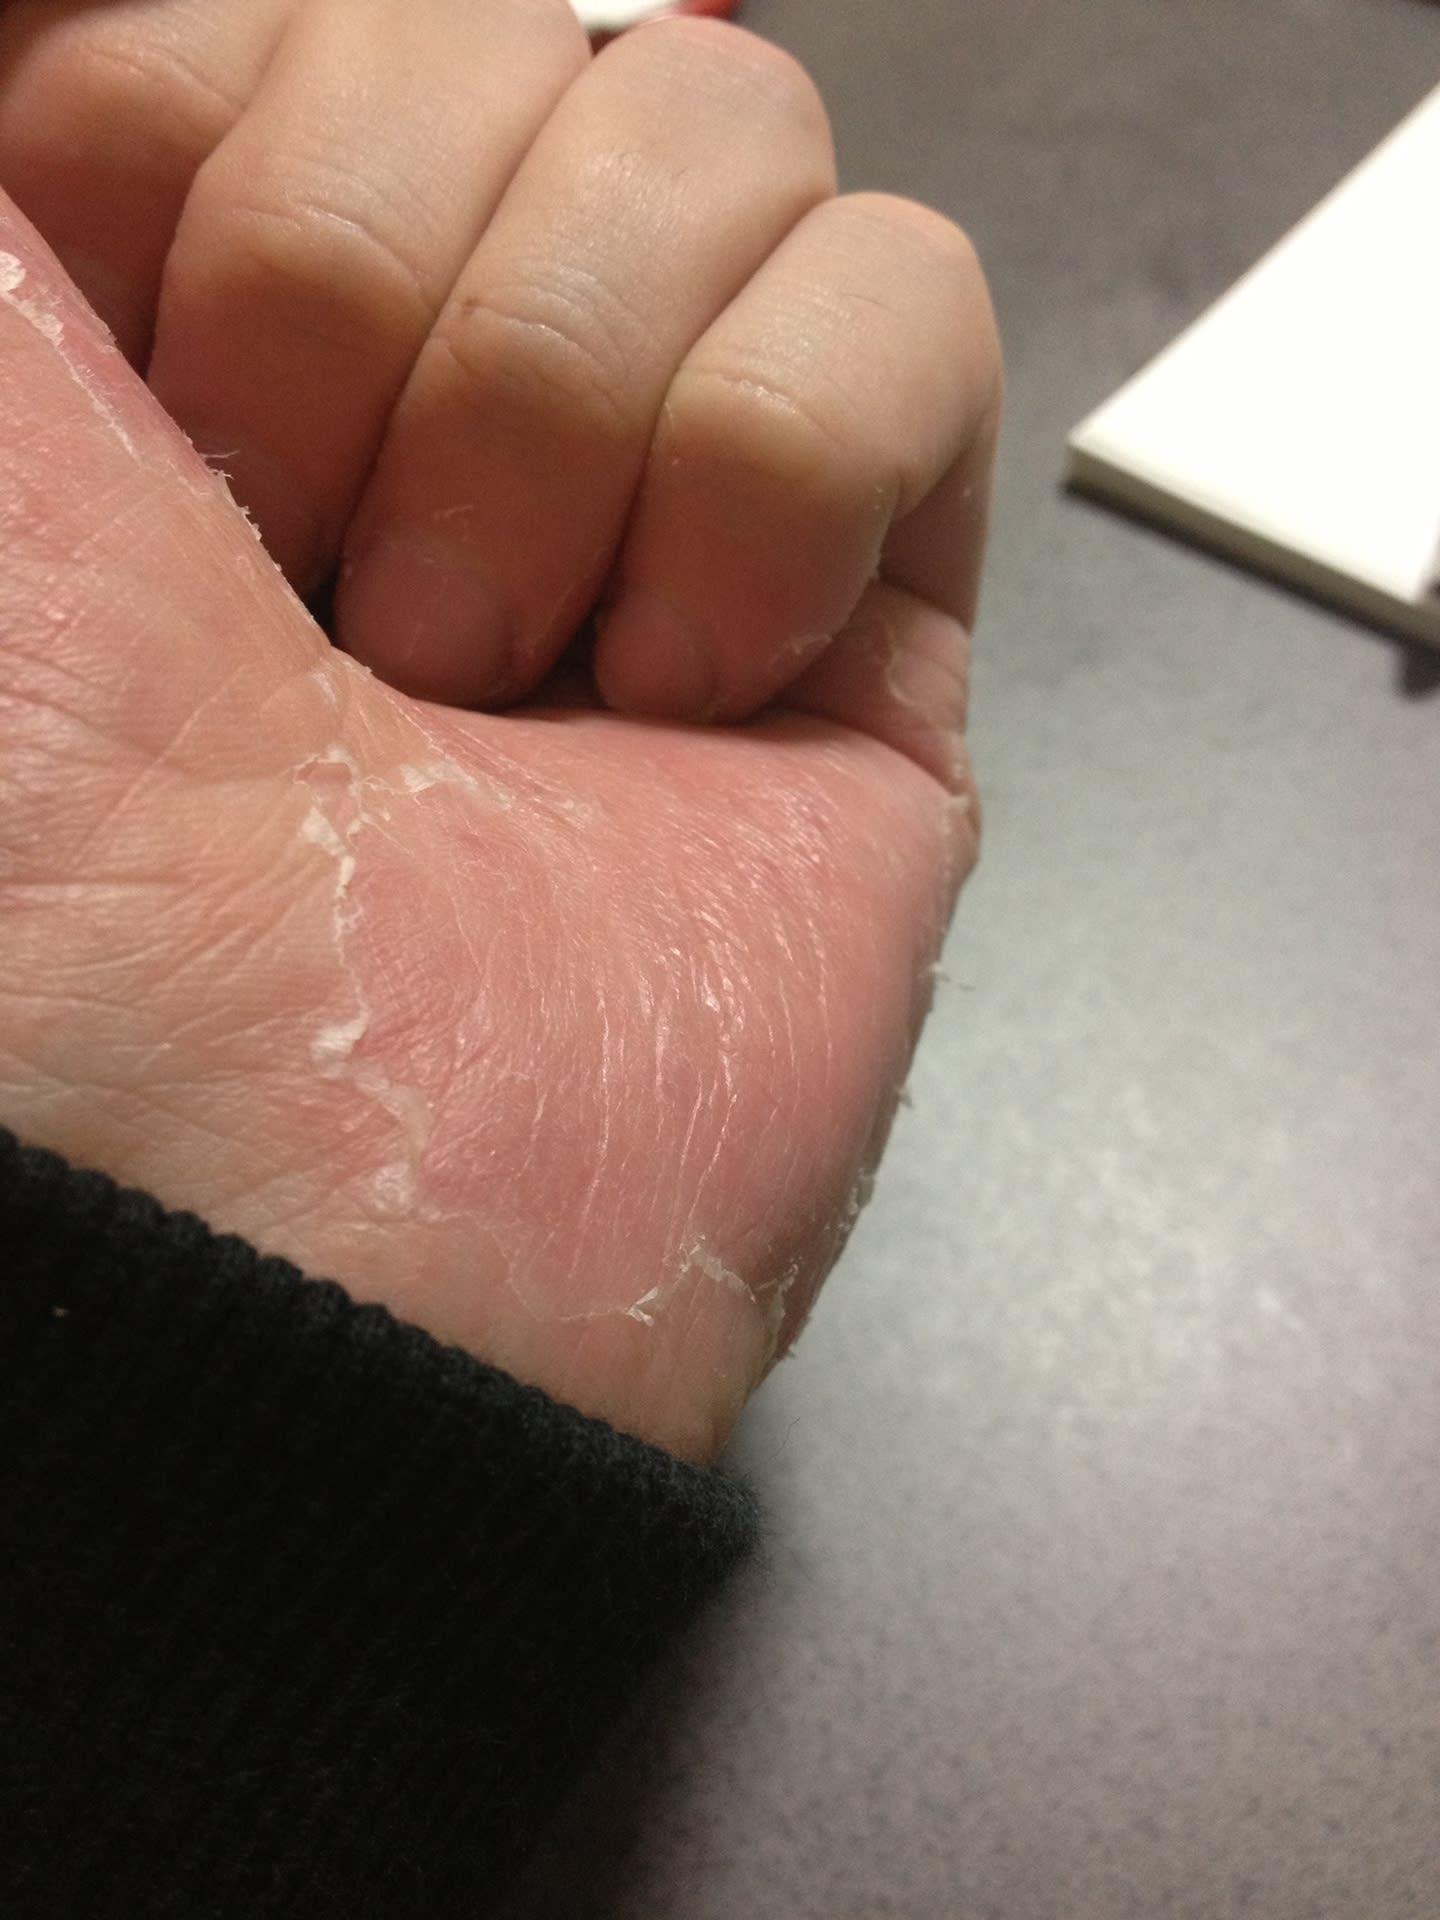 皮 が むける 手のひら 病気 の 手のひらが赤い:医師が考える原因と受診の目安|症状辞典